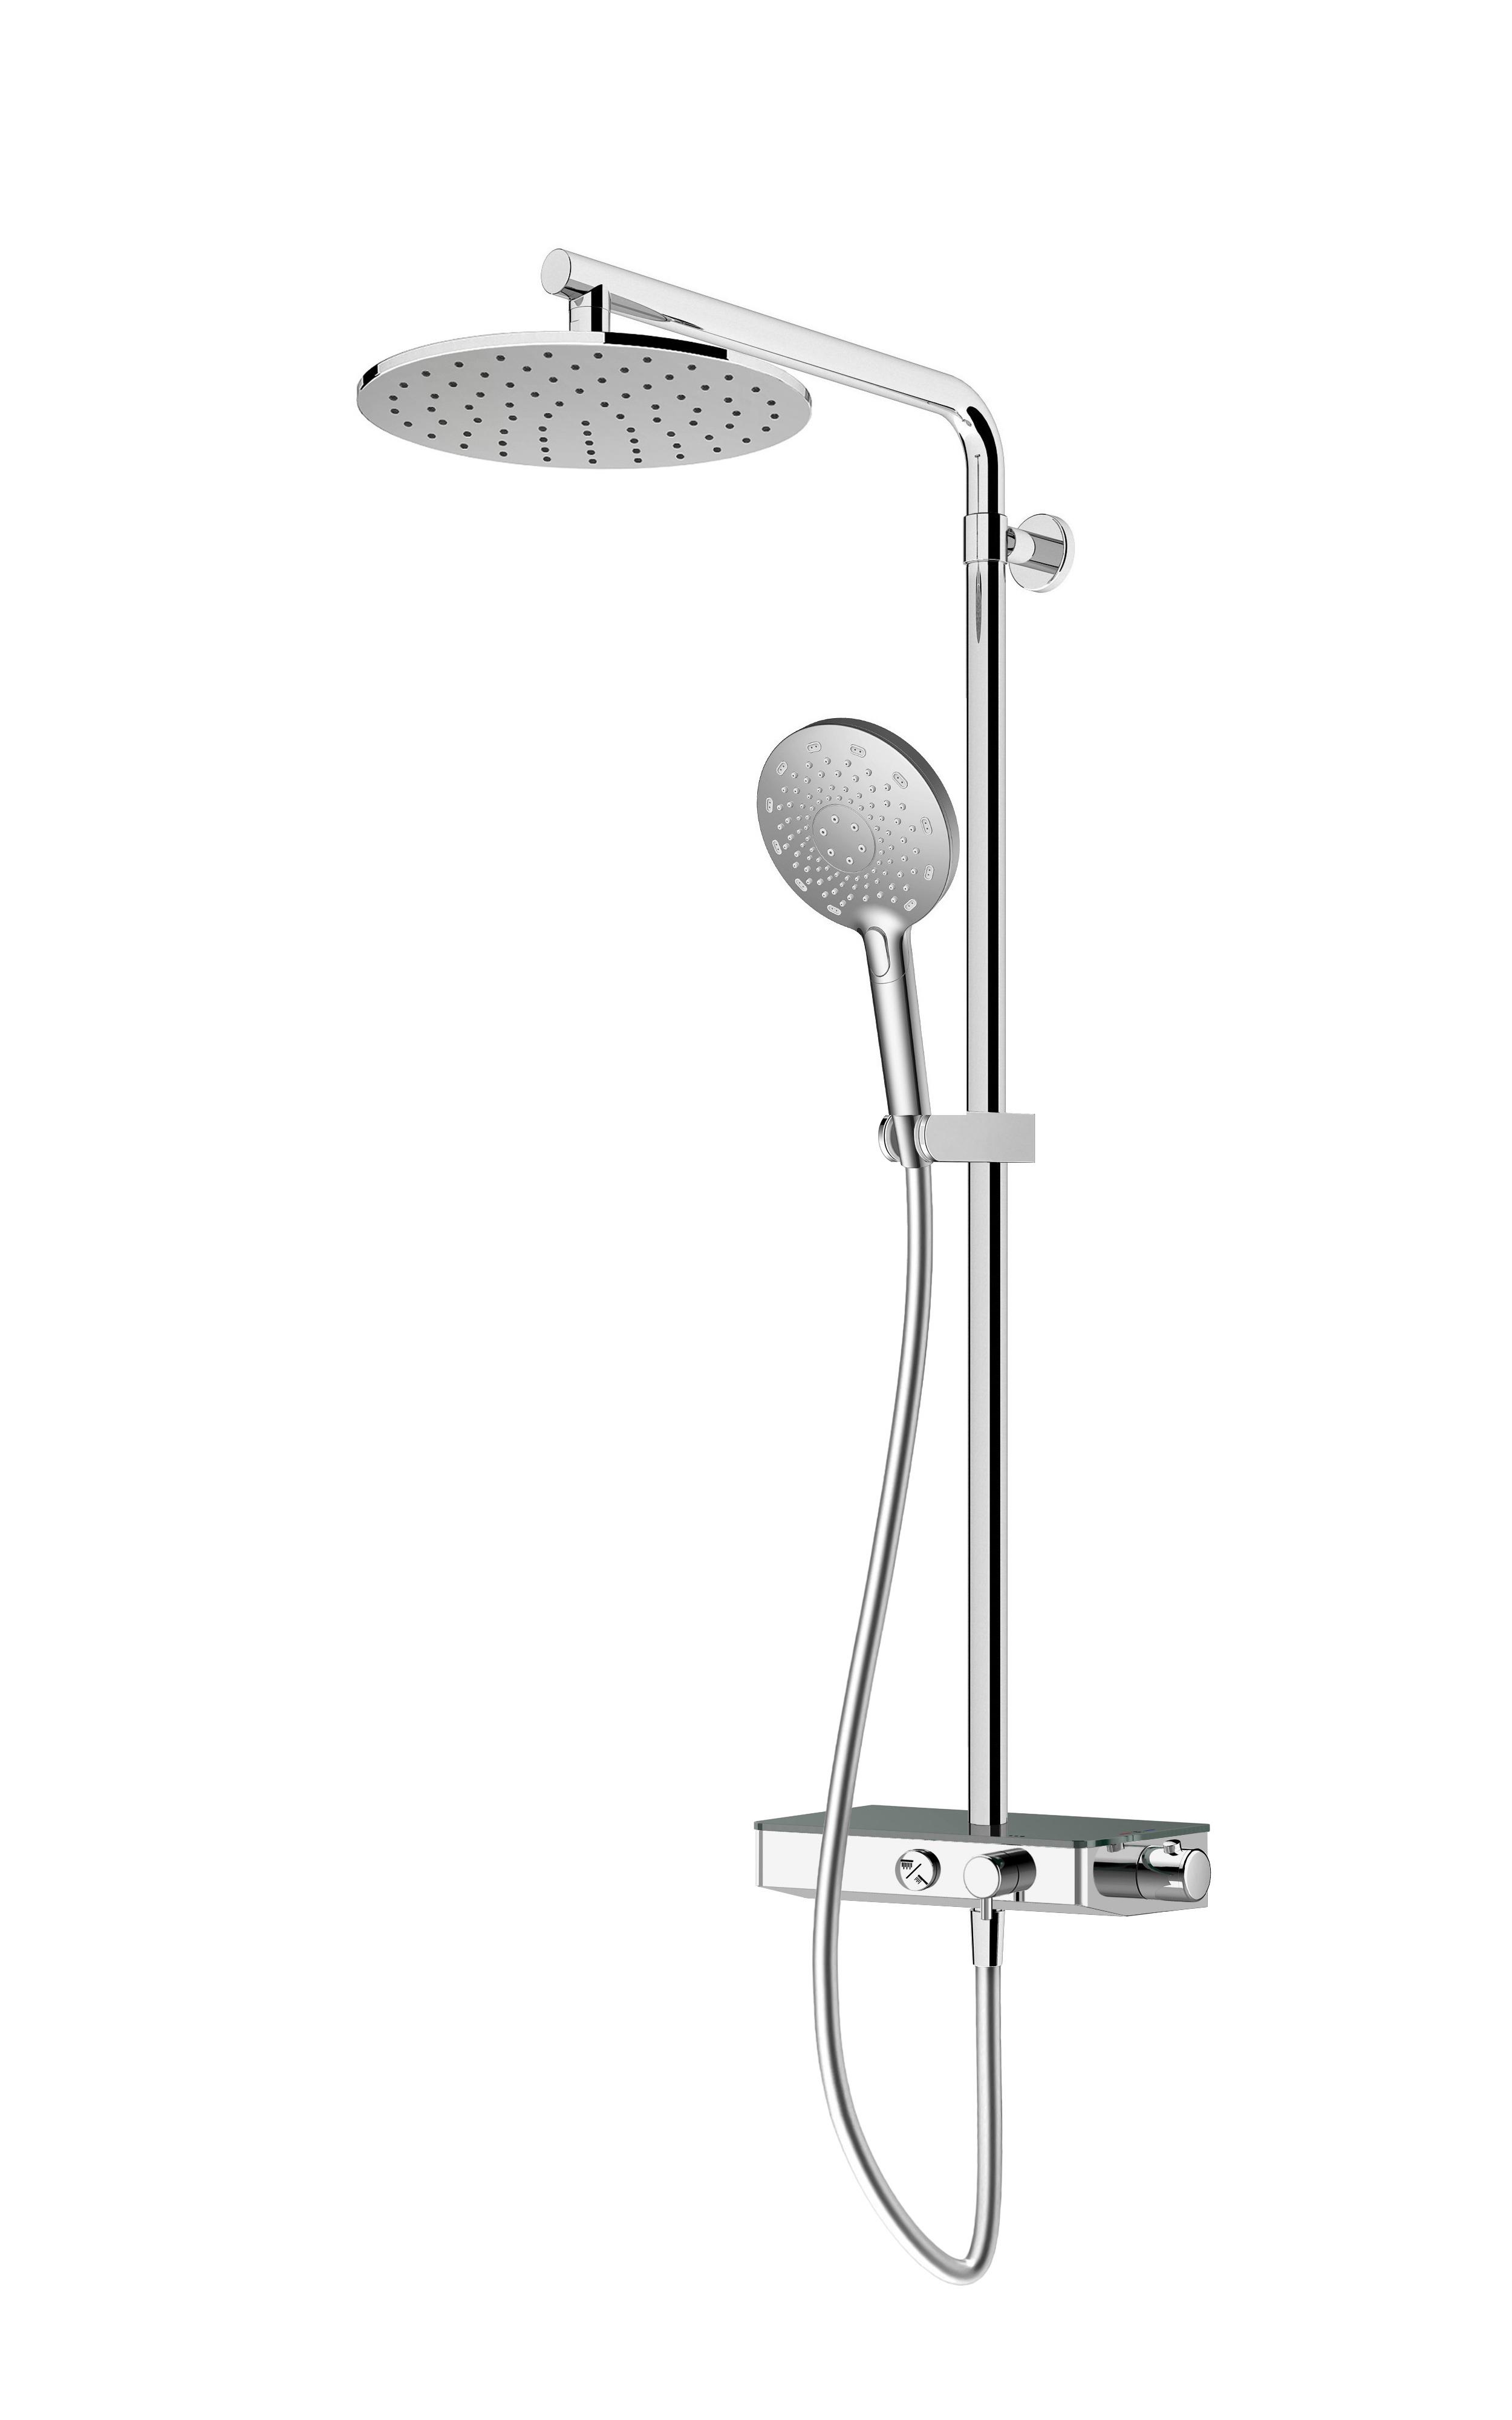 Immagine HD Colonna doccia termos. con mensola, doccia 3 getti e soffione Ø 250mm